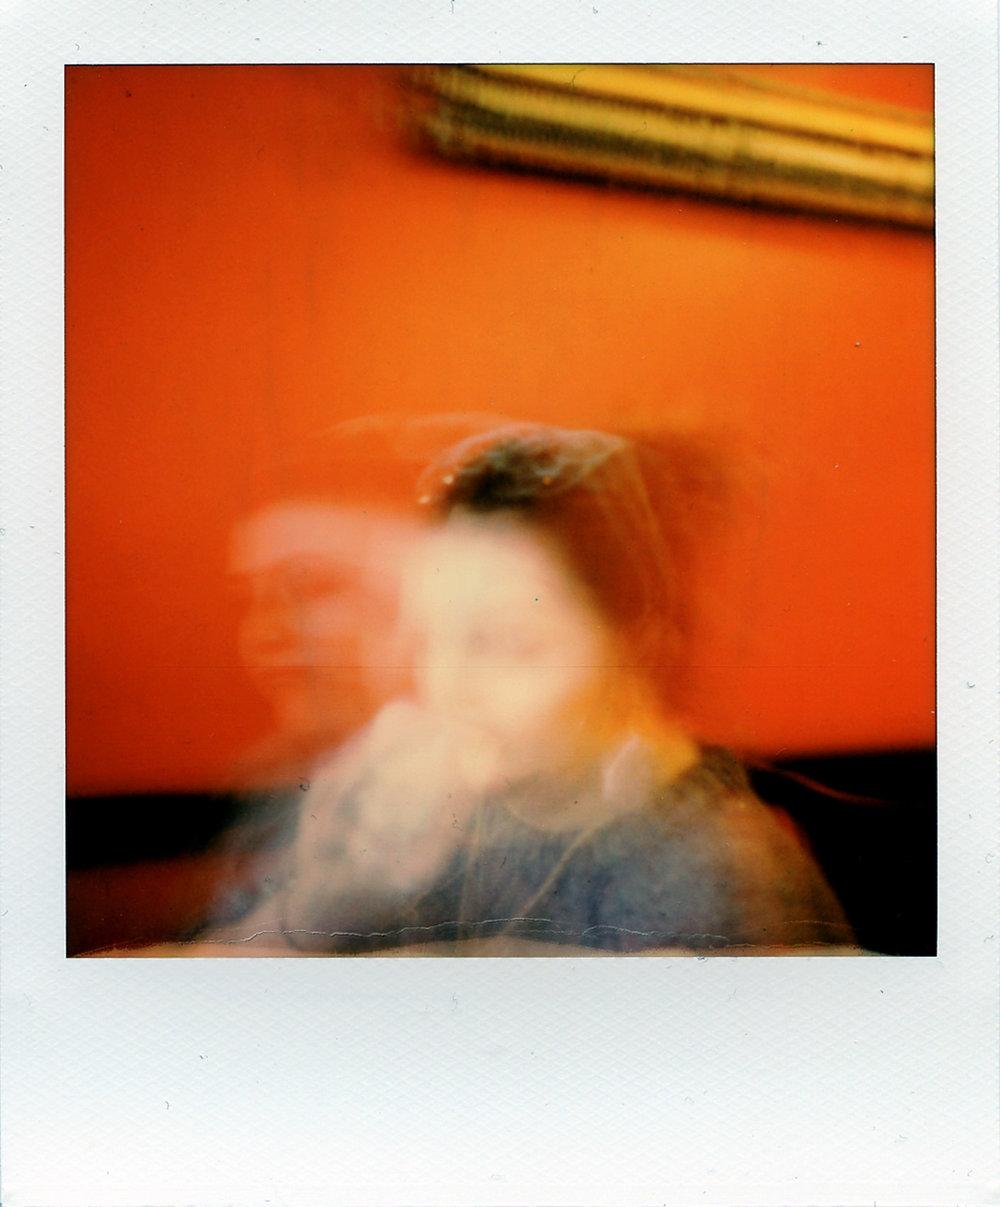 Leica067.jpg